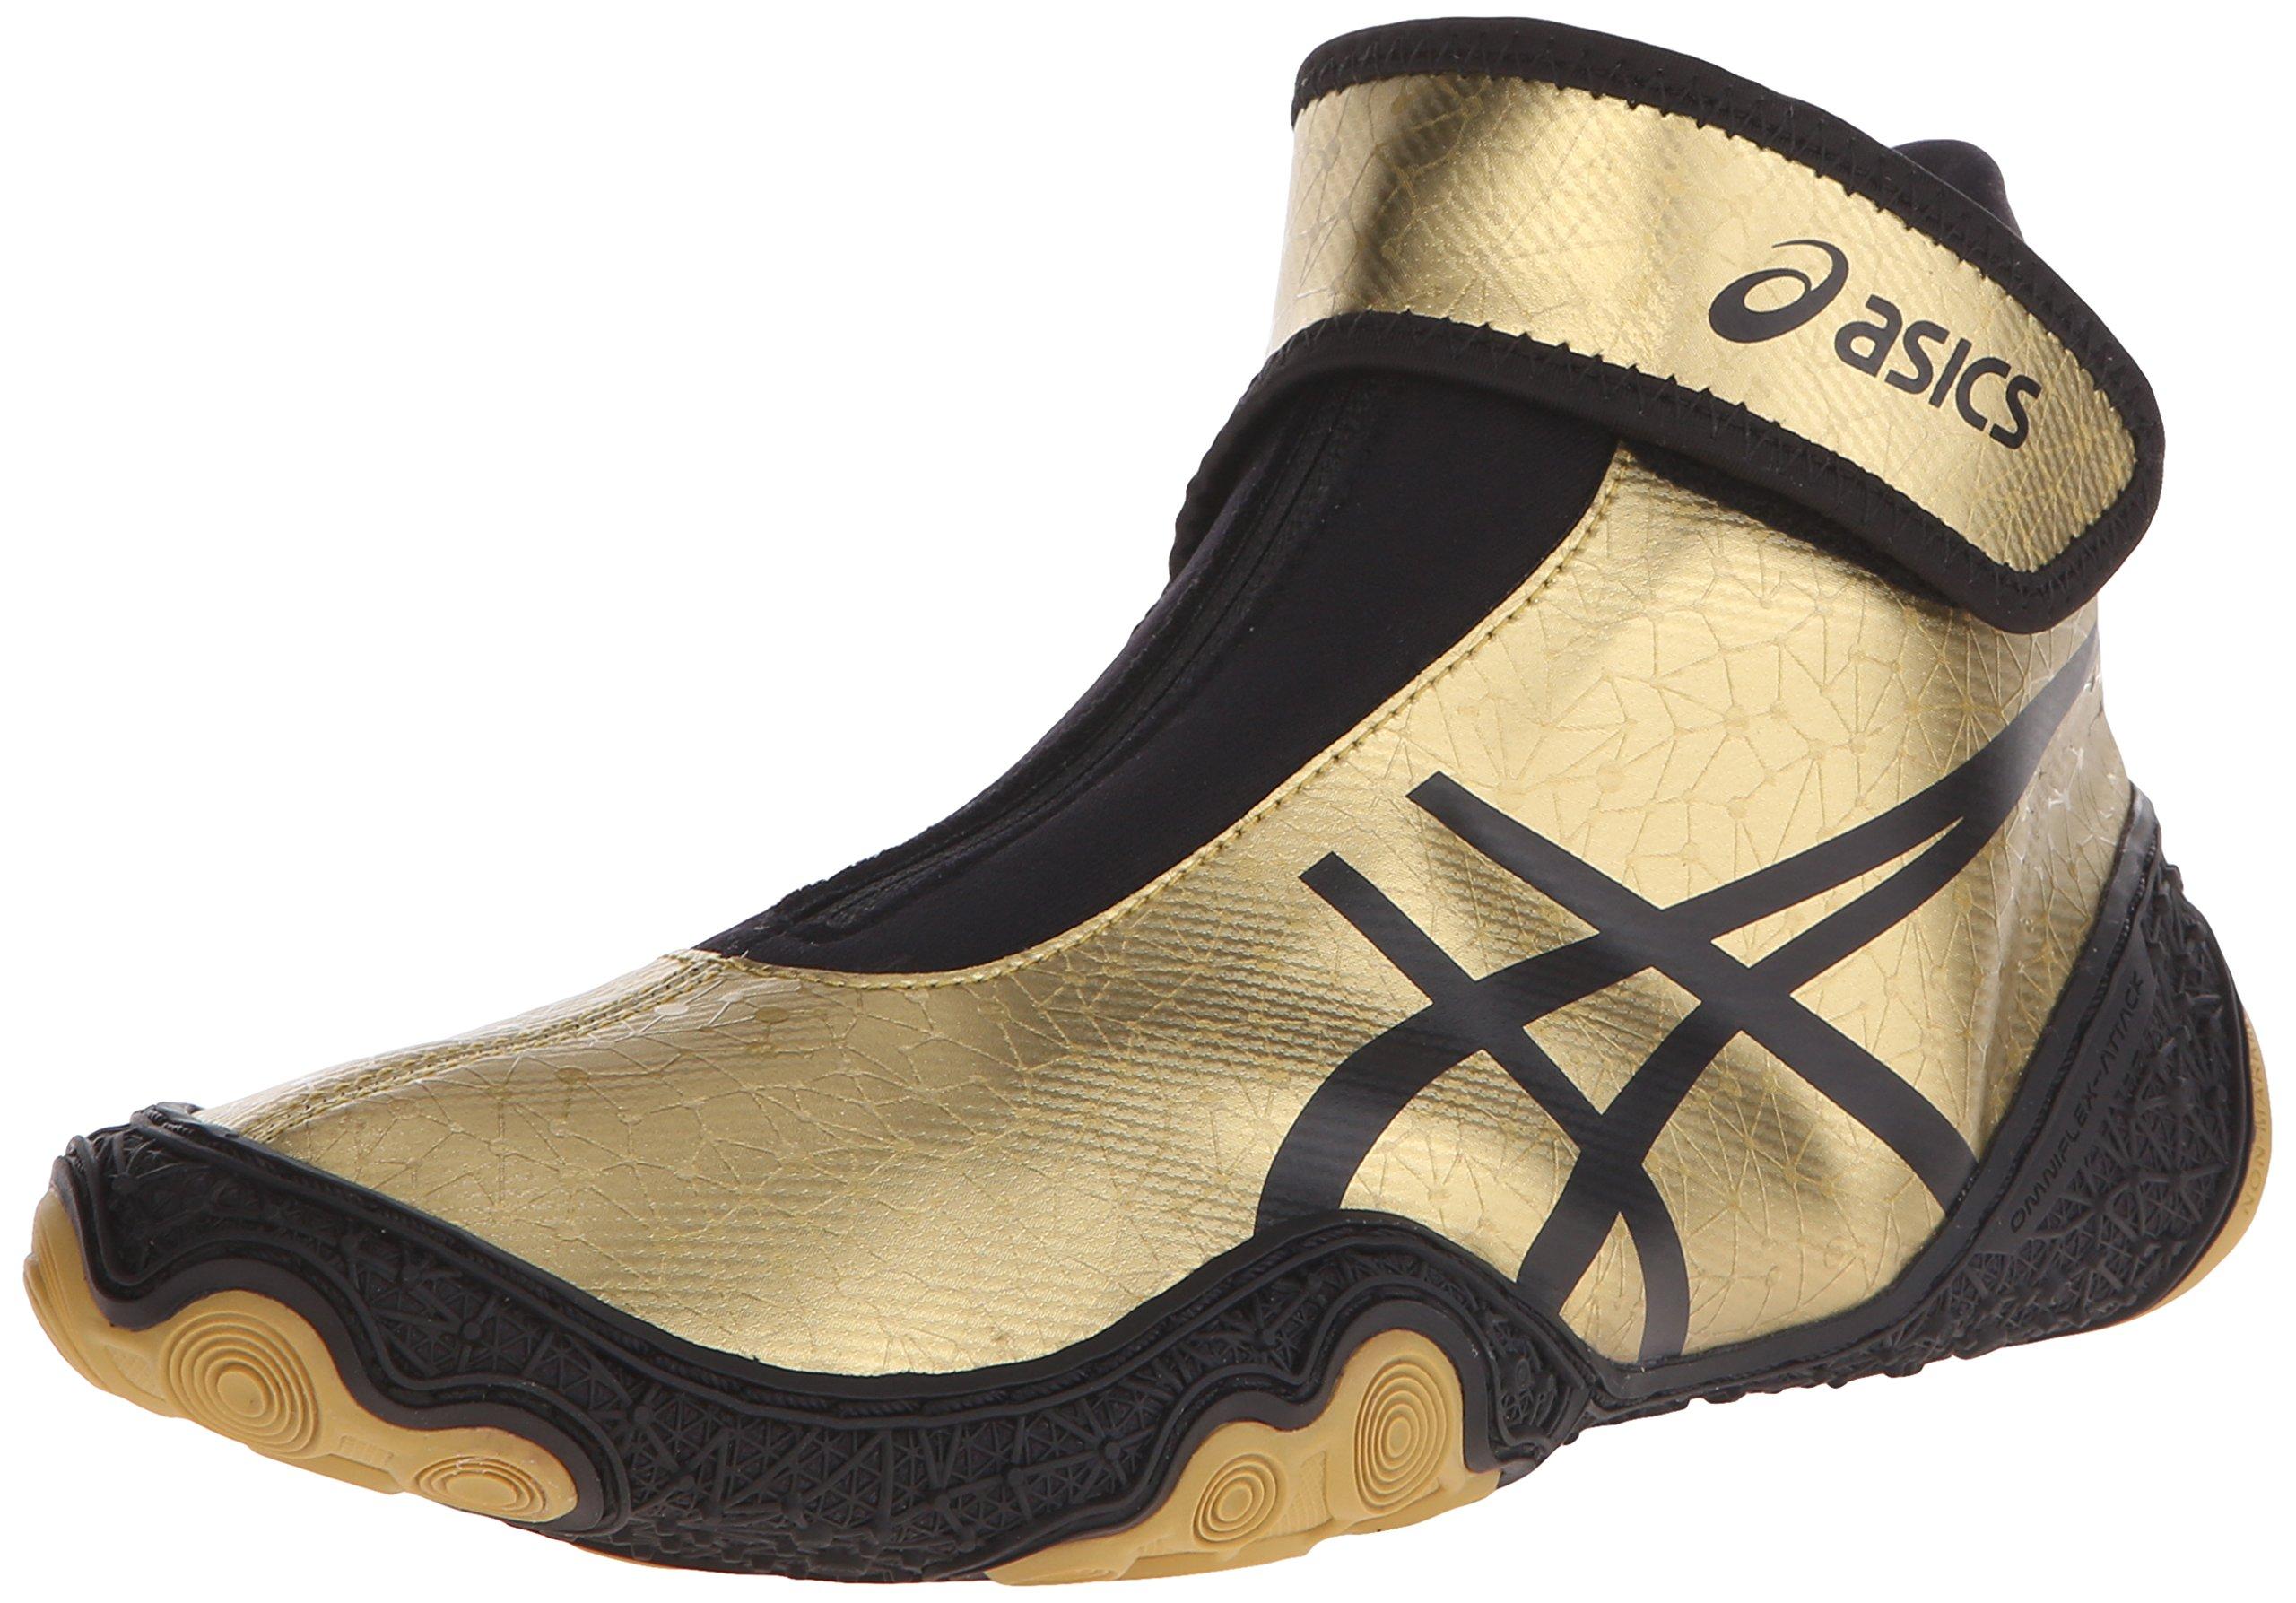 ASICS Men's Omniflex Attack V2.0 Wrestling Shoe, Gold/Black, 11 M US